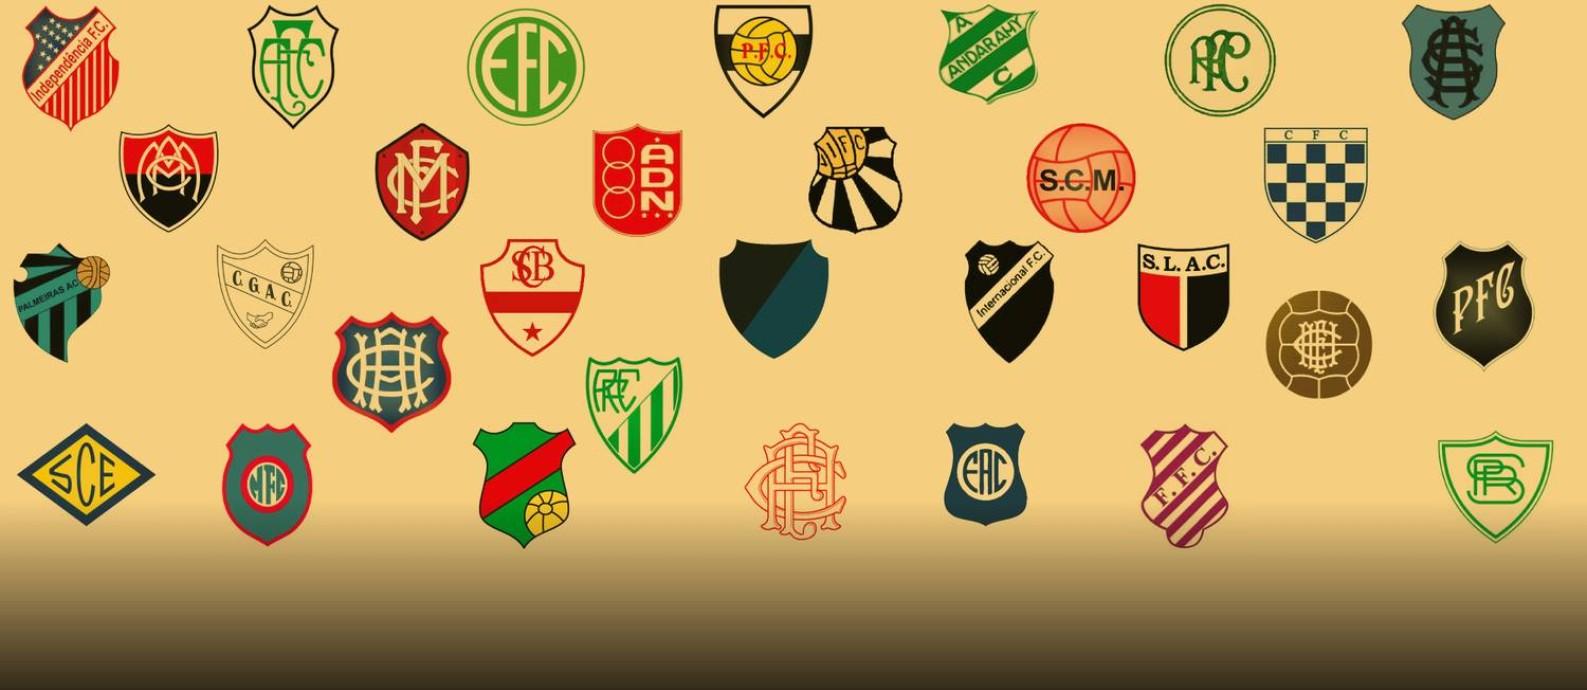 Os 30 clubes que jogaram a elite do Carioca e foram extintos Foto: Editoria de Arte